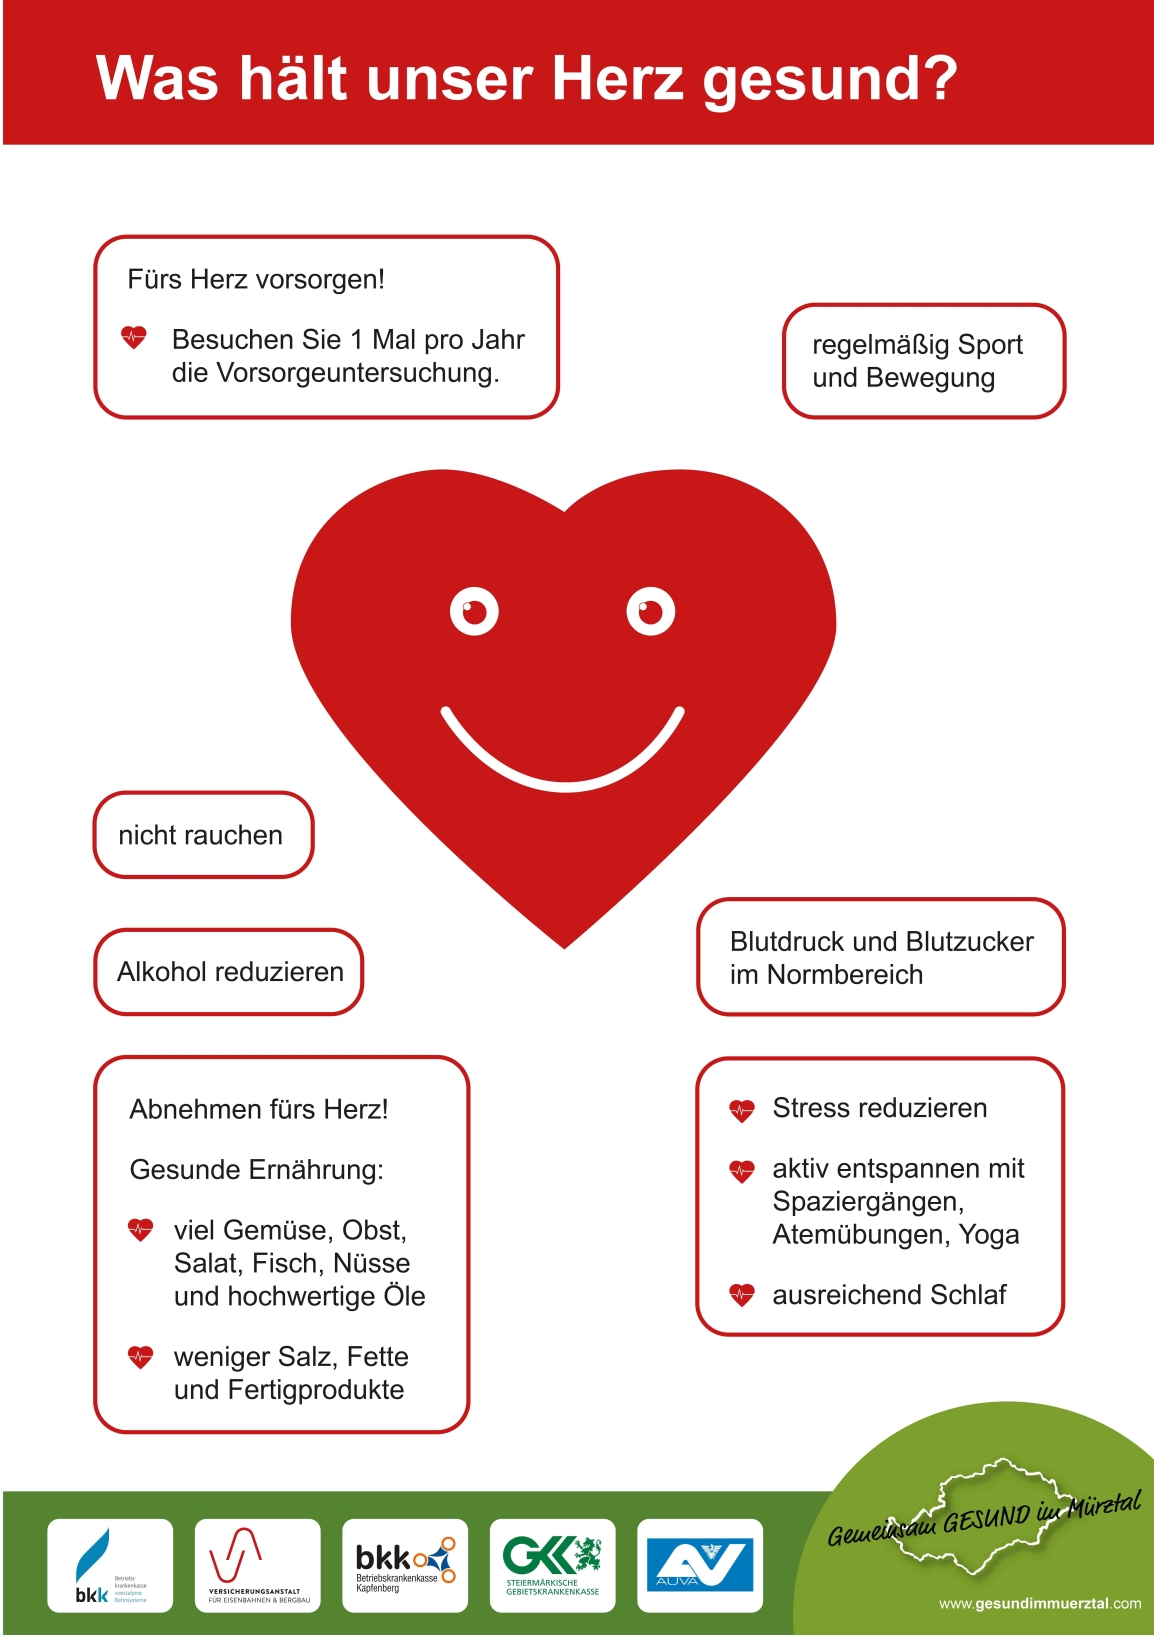 Herzgesundheit – Genusstag Kapfenberg – Gemeinsam GESUND im Mürztal